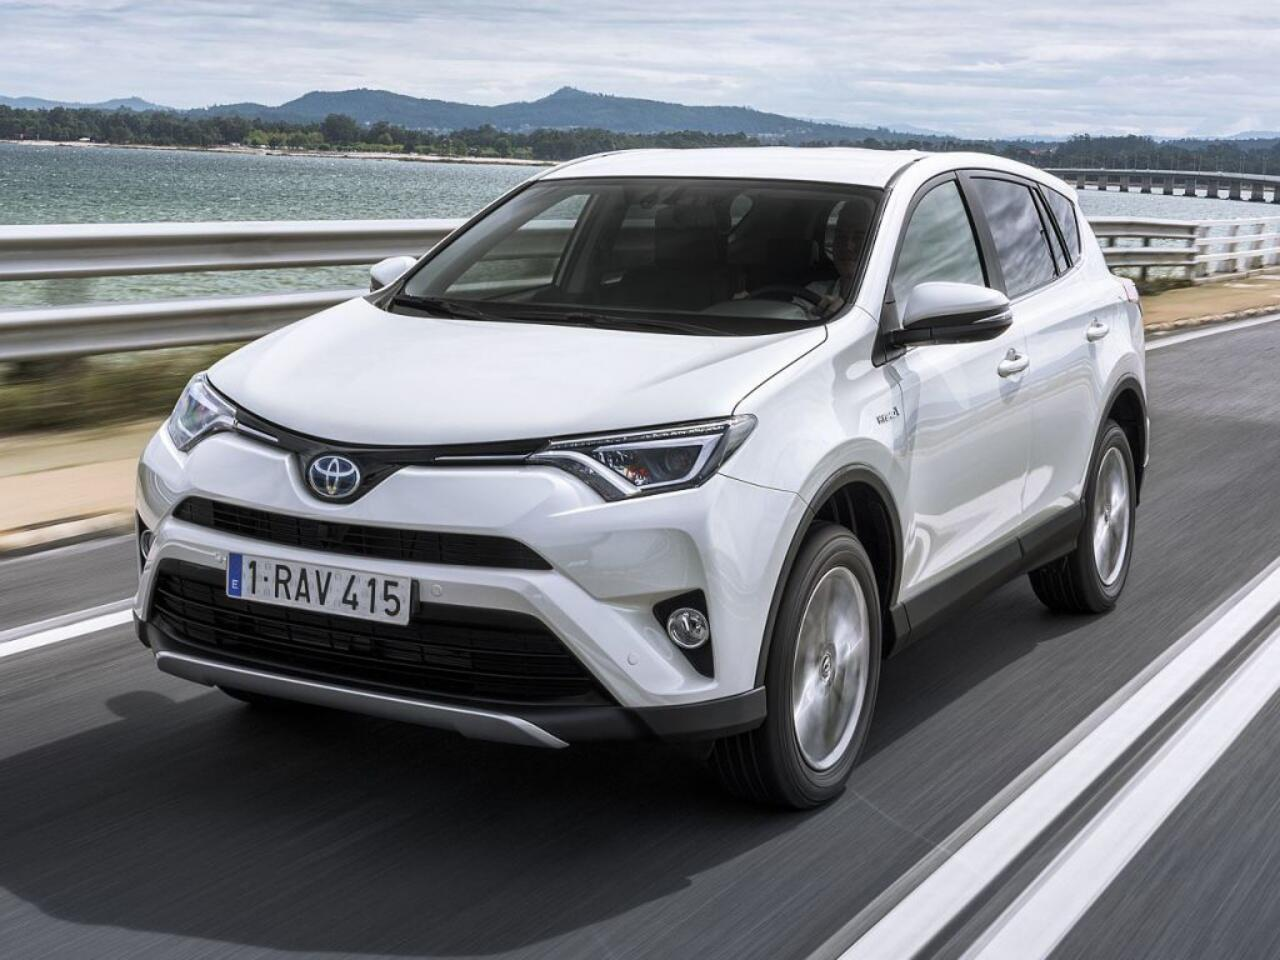 Bild zu Platz 5 - Modell: Toyota RAV4 Hybrid 2.5